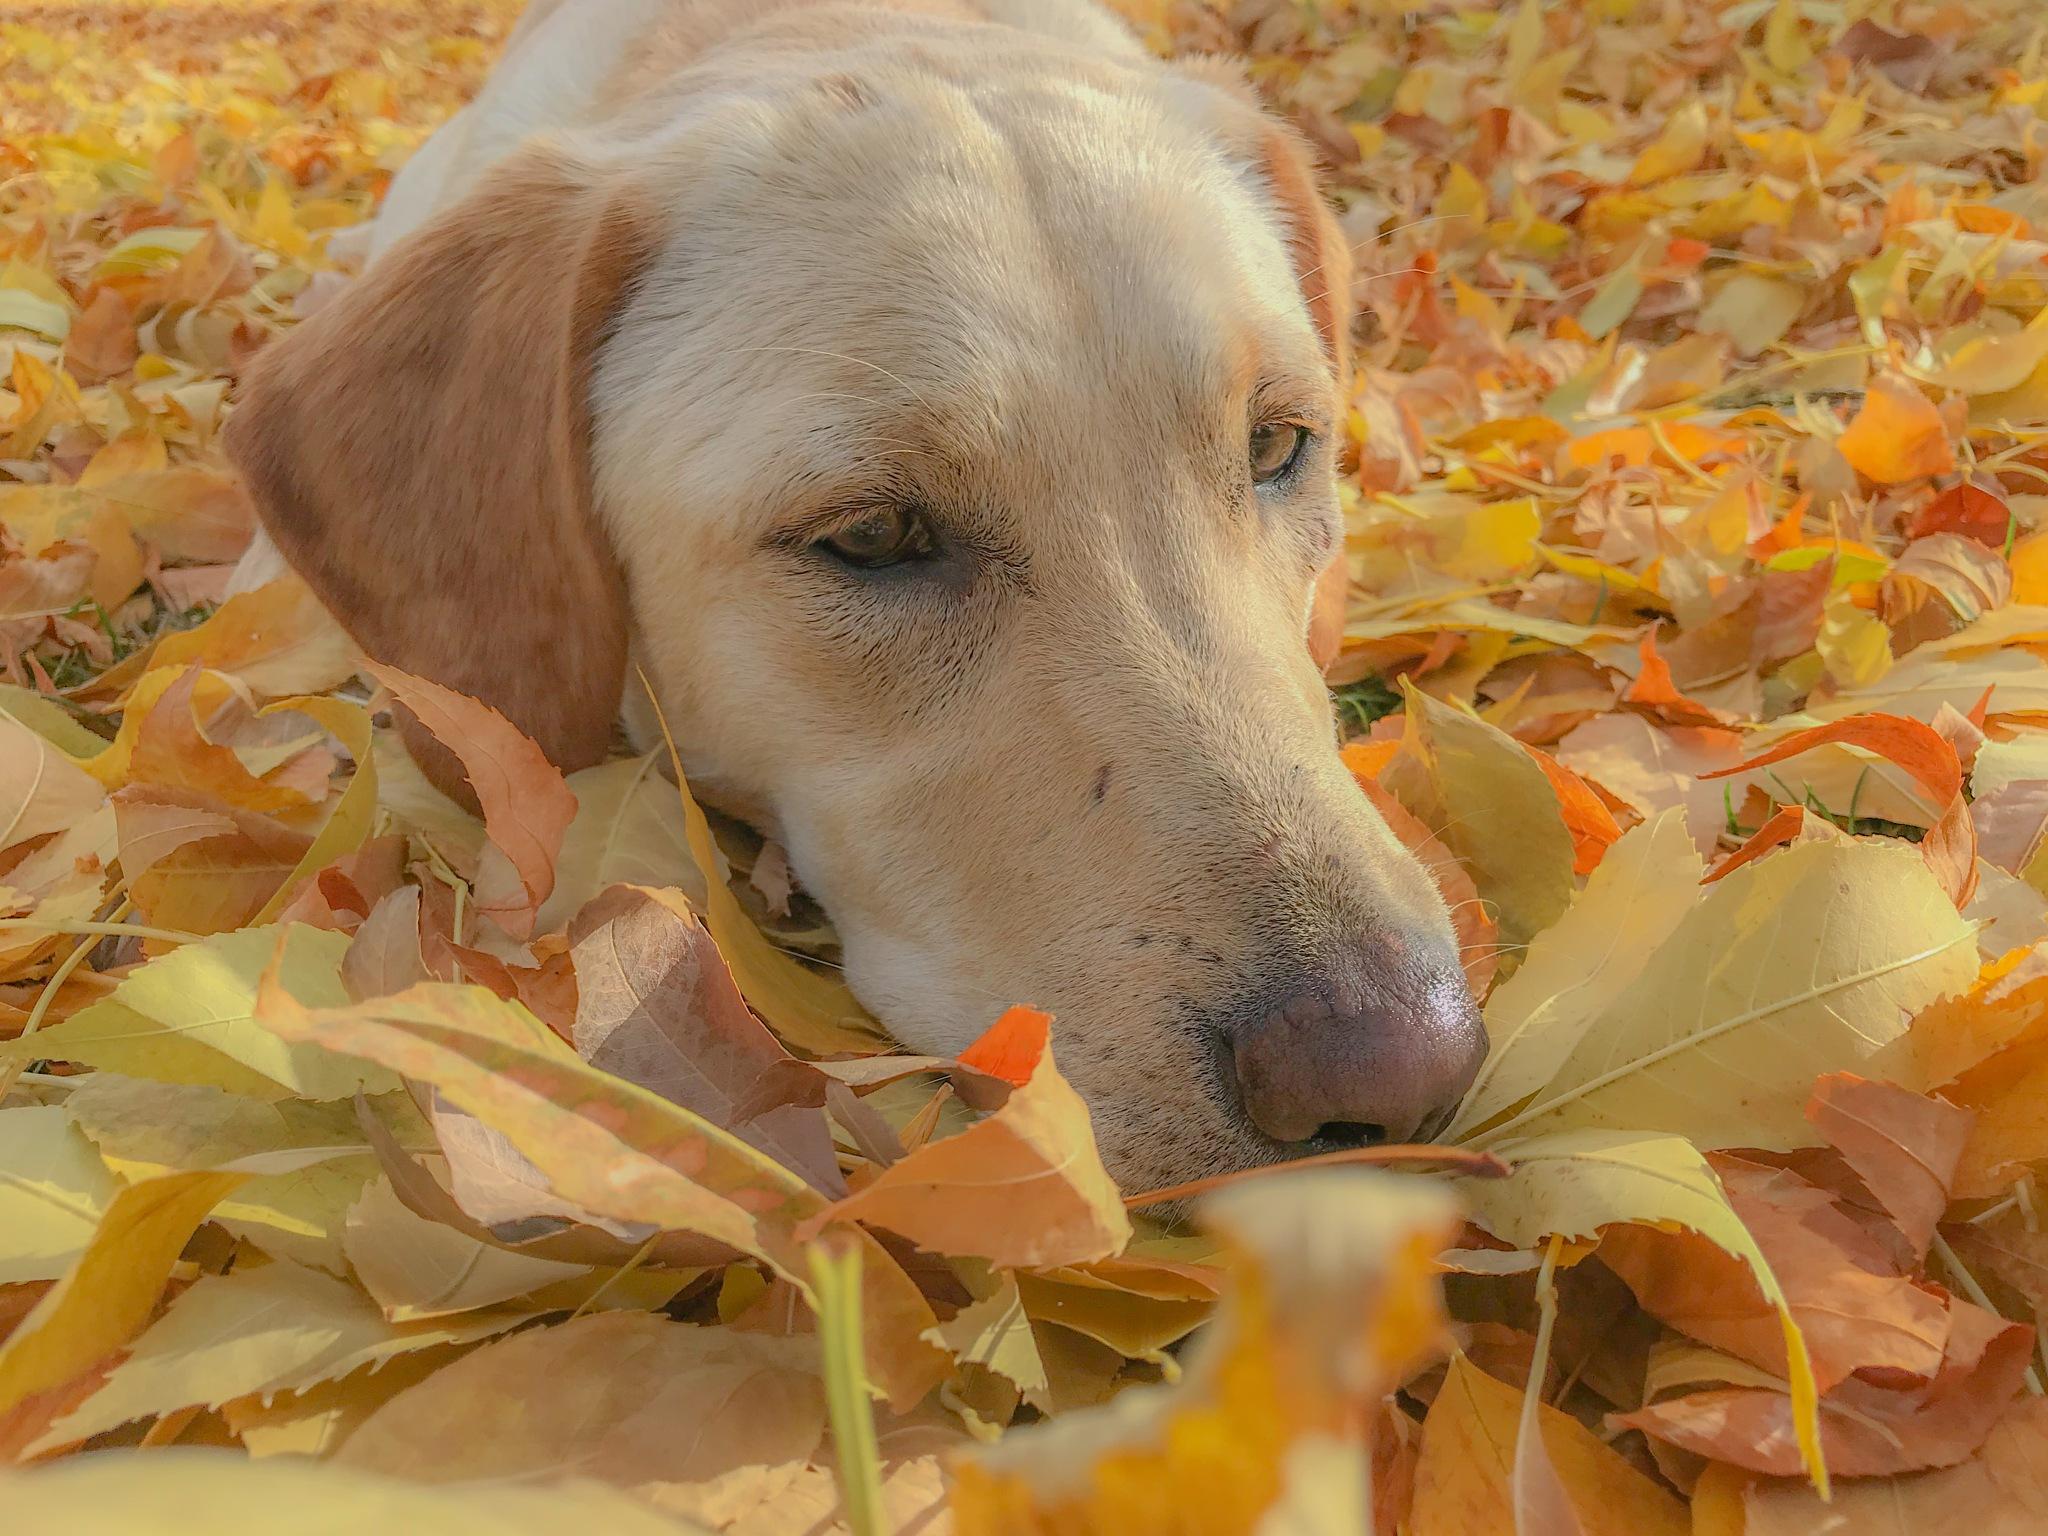 carpet of leaves by peyton0104